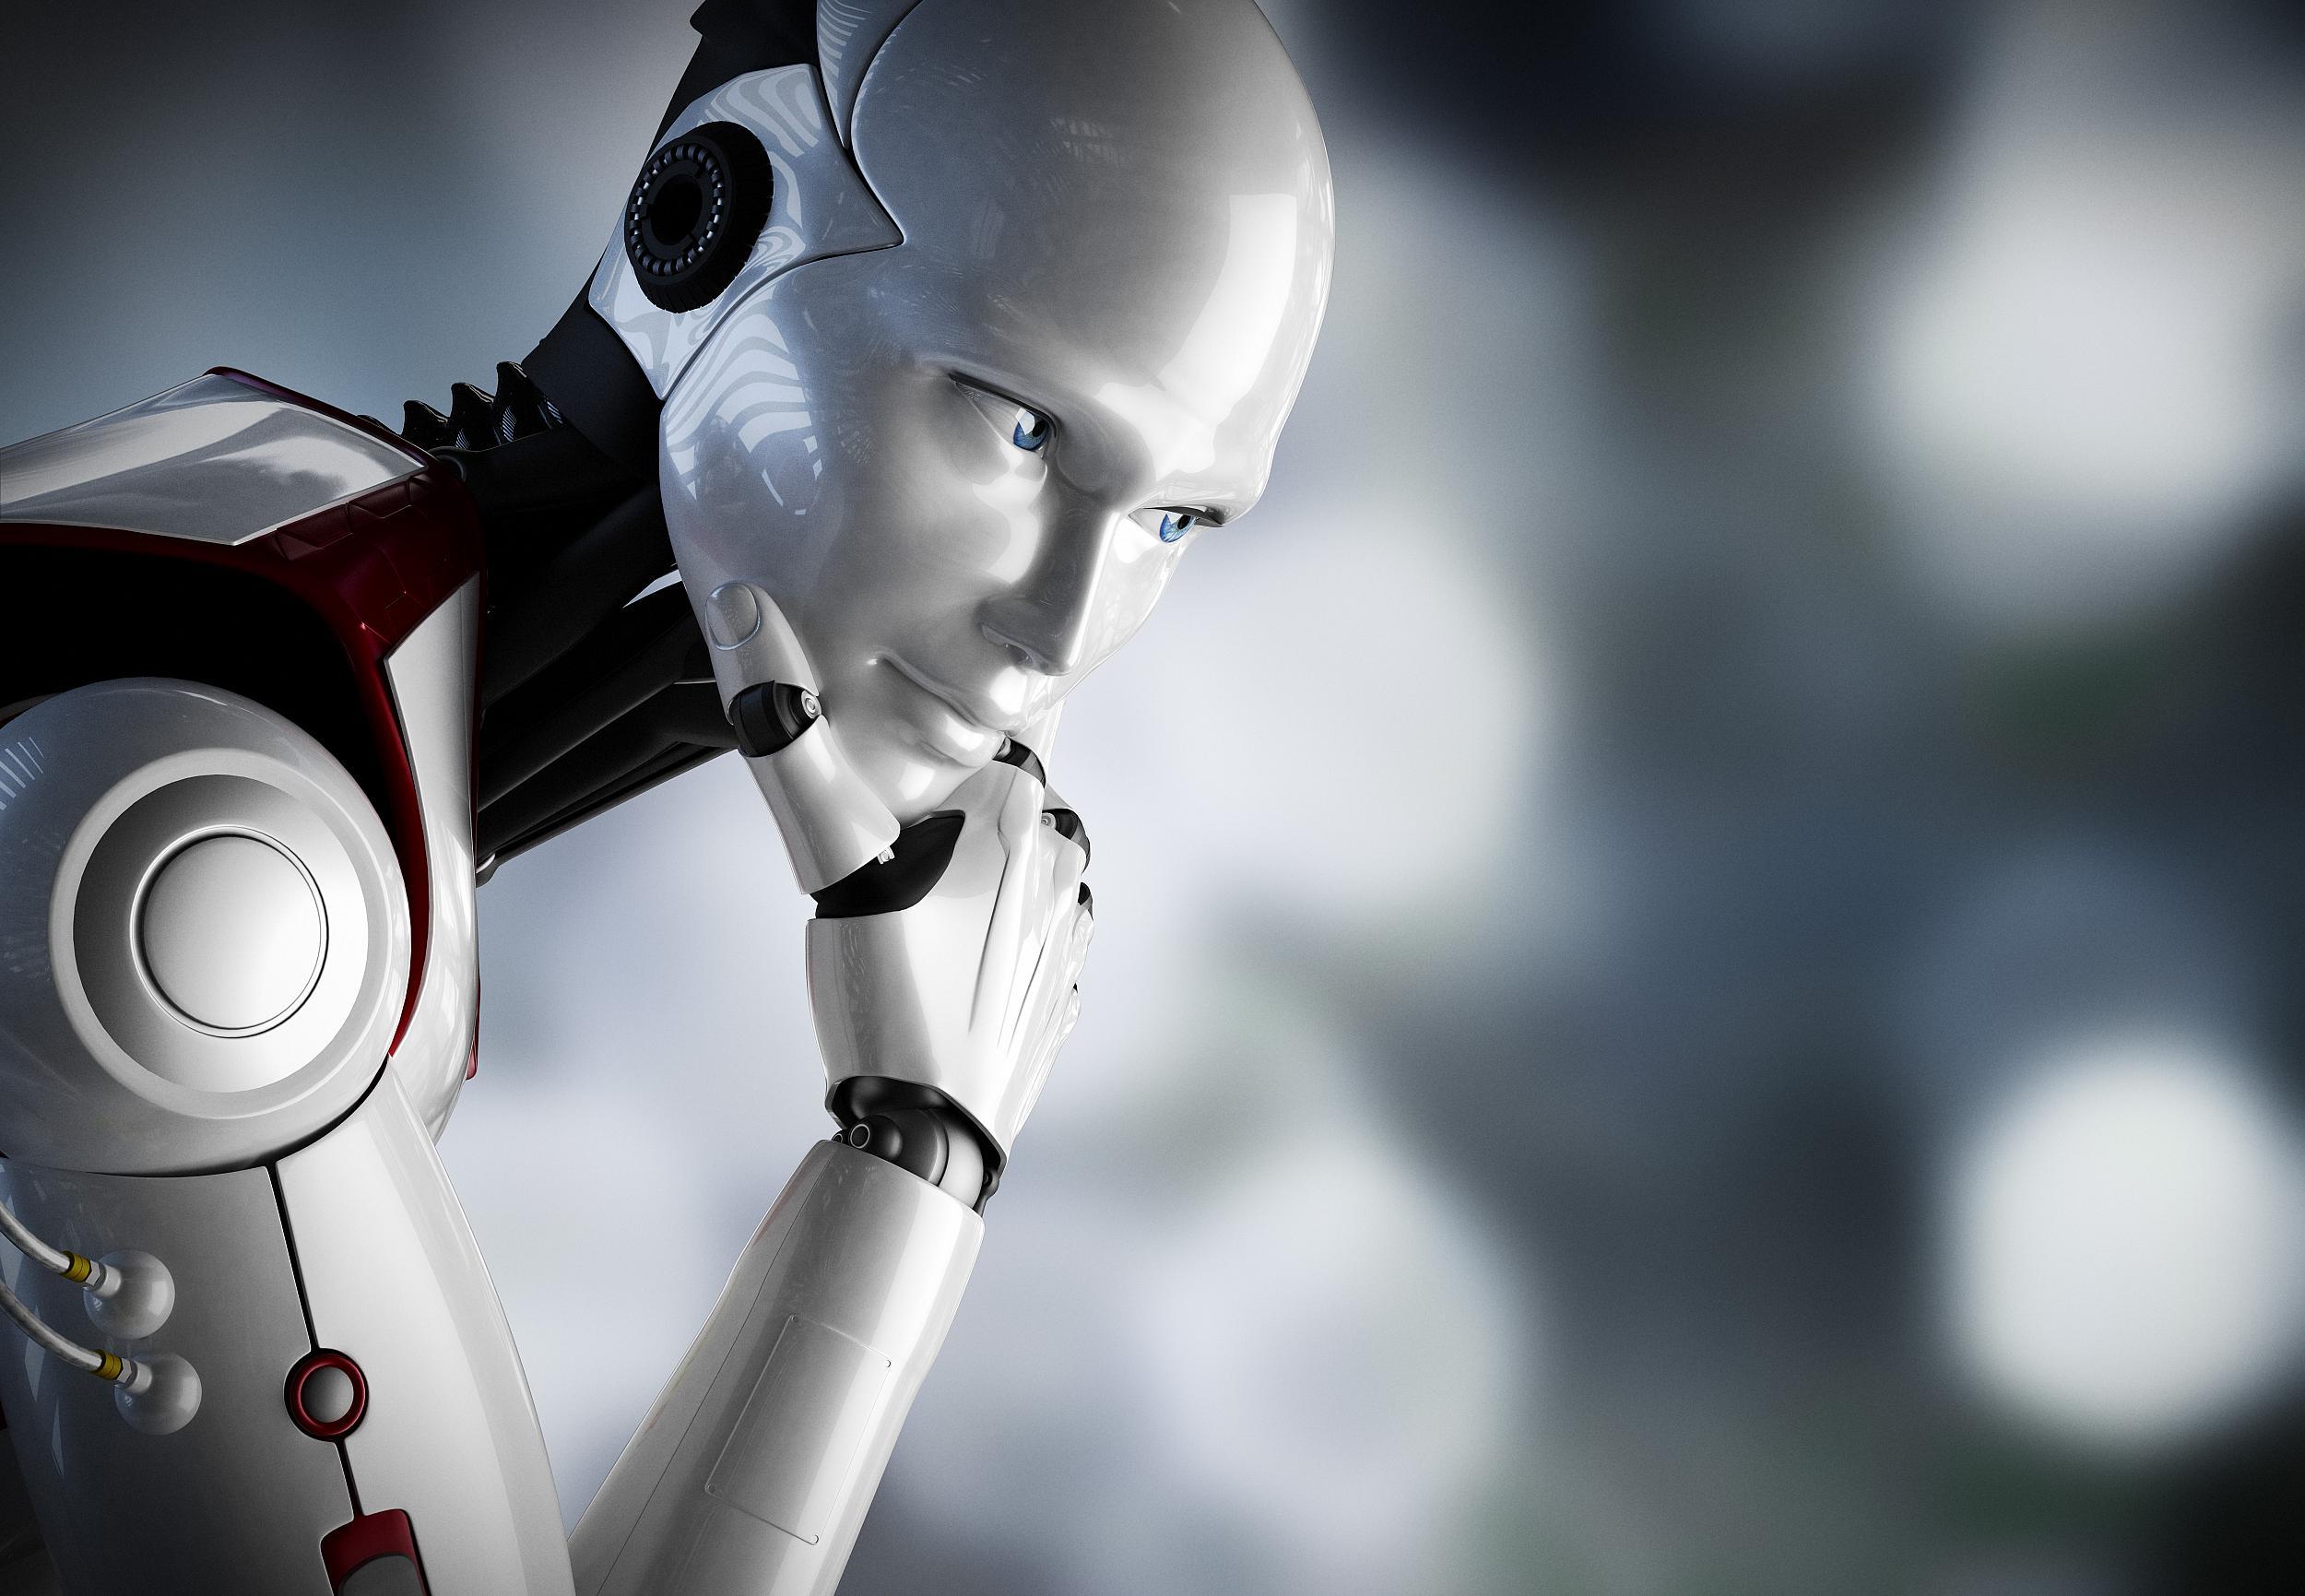 Vormarsch der Maschinen: Wie sieht die Zukunft der Arbeit aus?